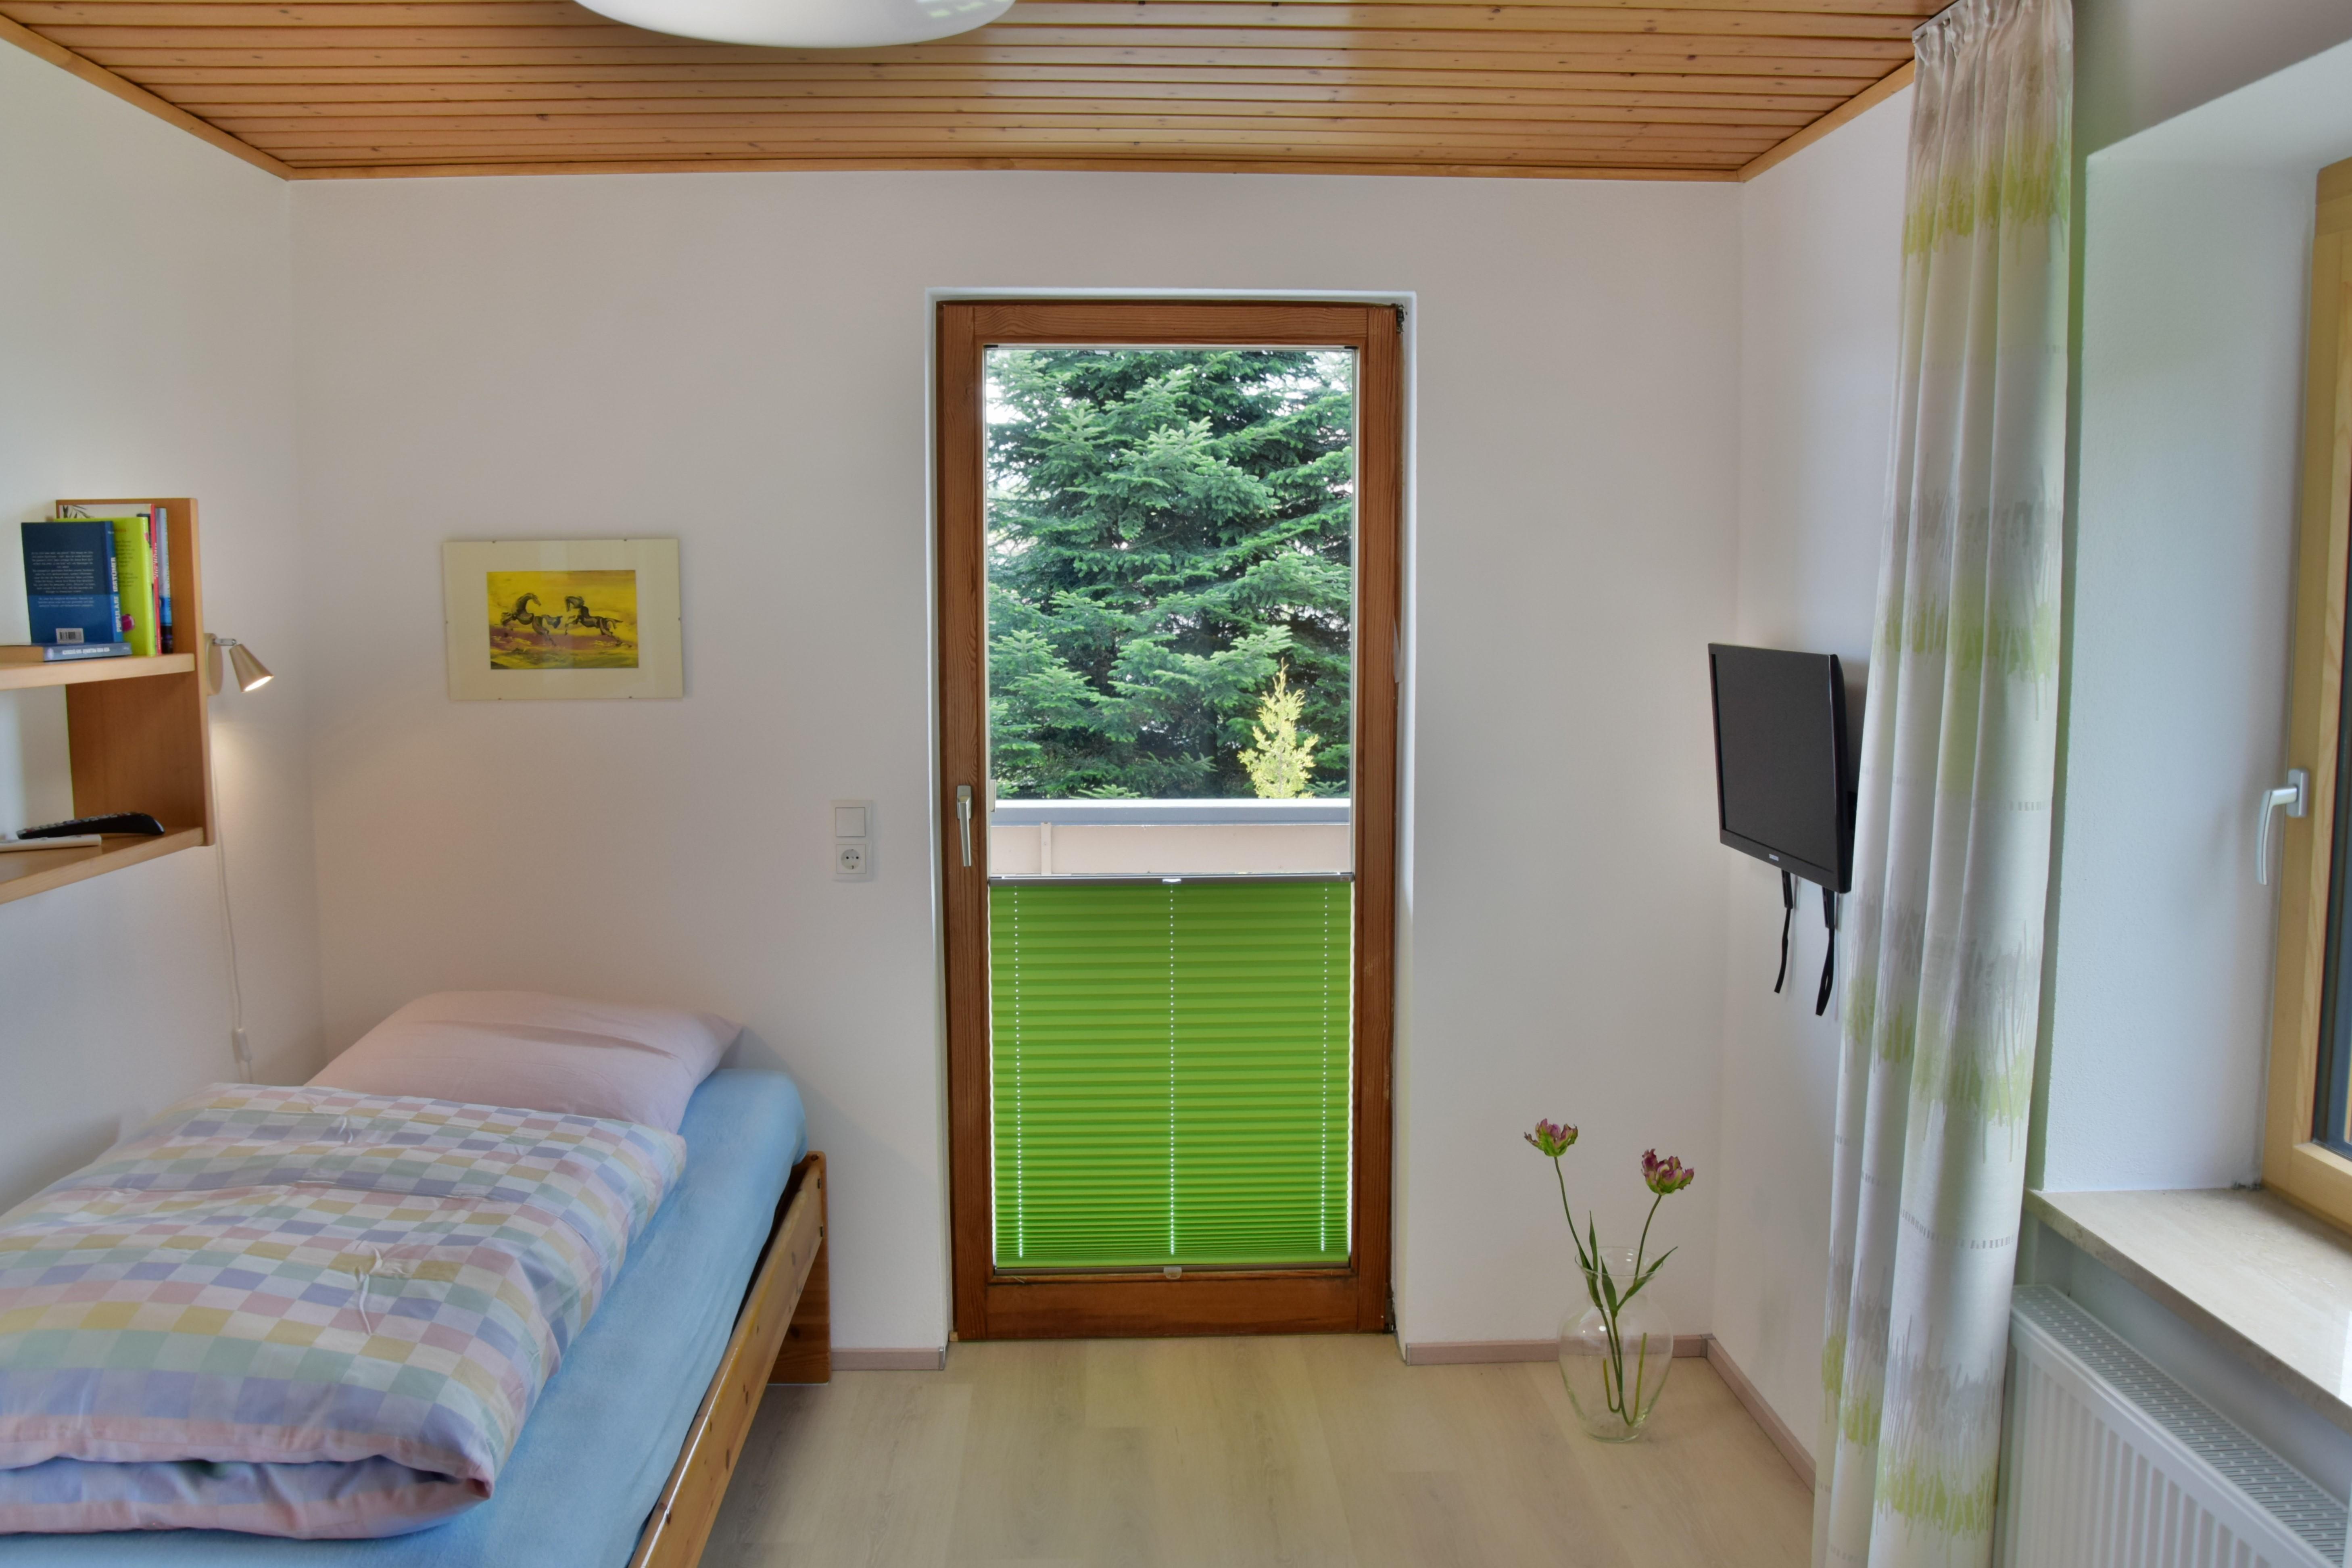 Ferienwohnung Bienenkorb, Einzelschlafzimmer